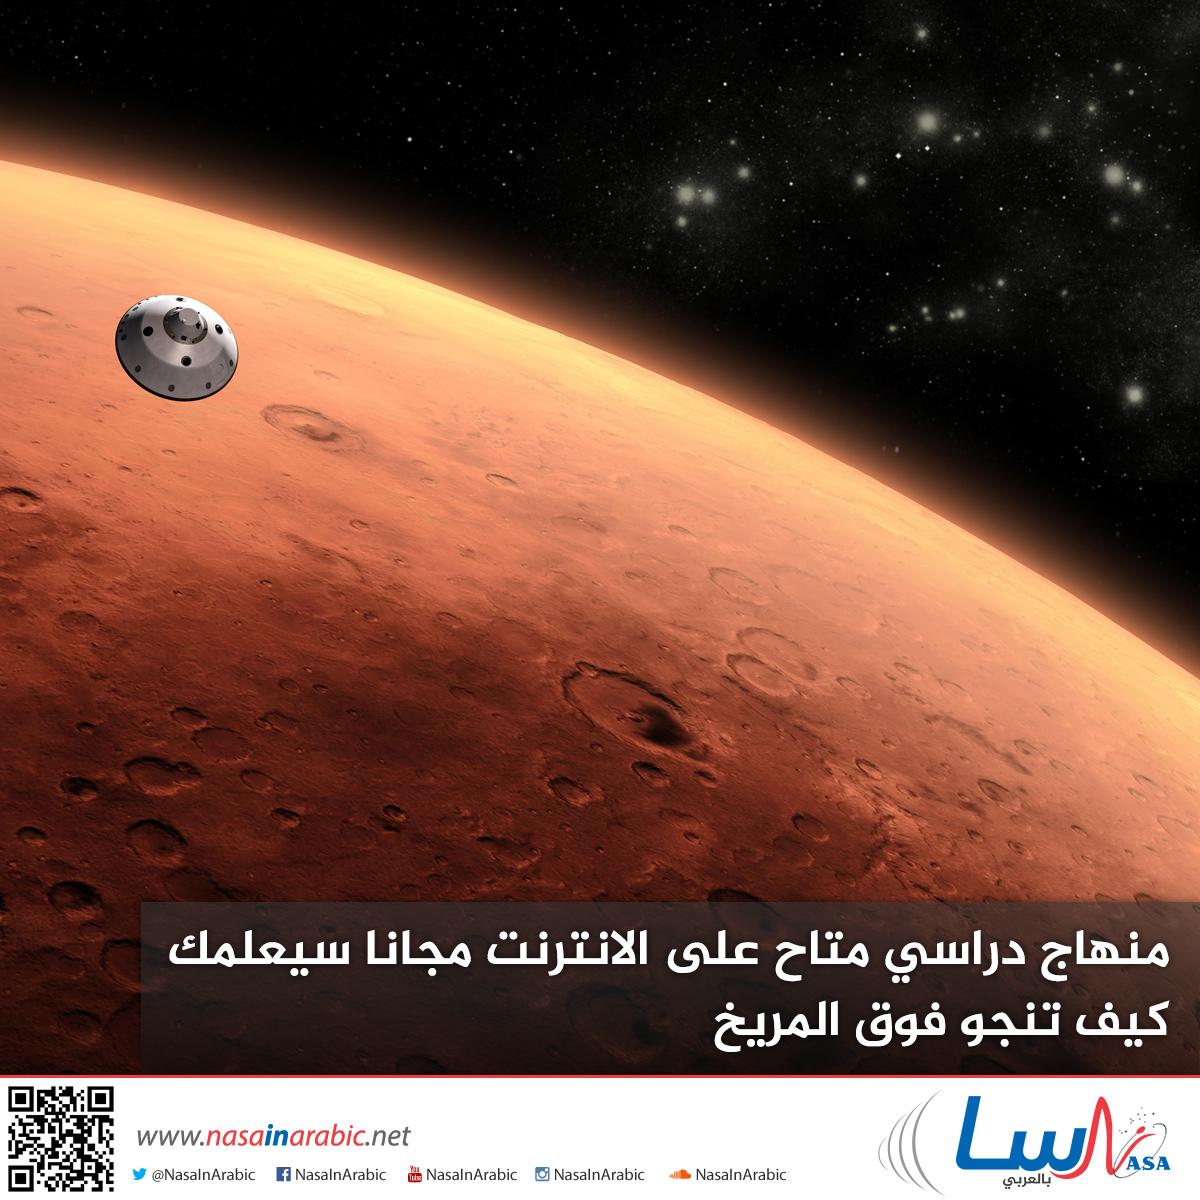 منهاج دراسي متاح على الانترنت مجانا سيعلمك كيف تنجو فوق المريخ